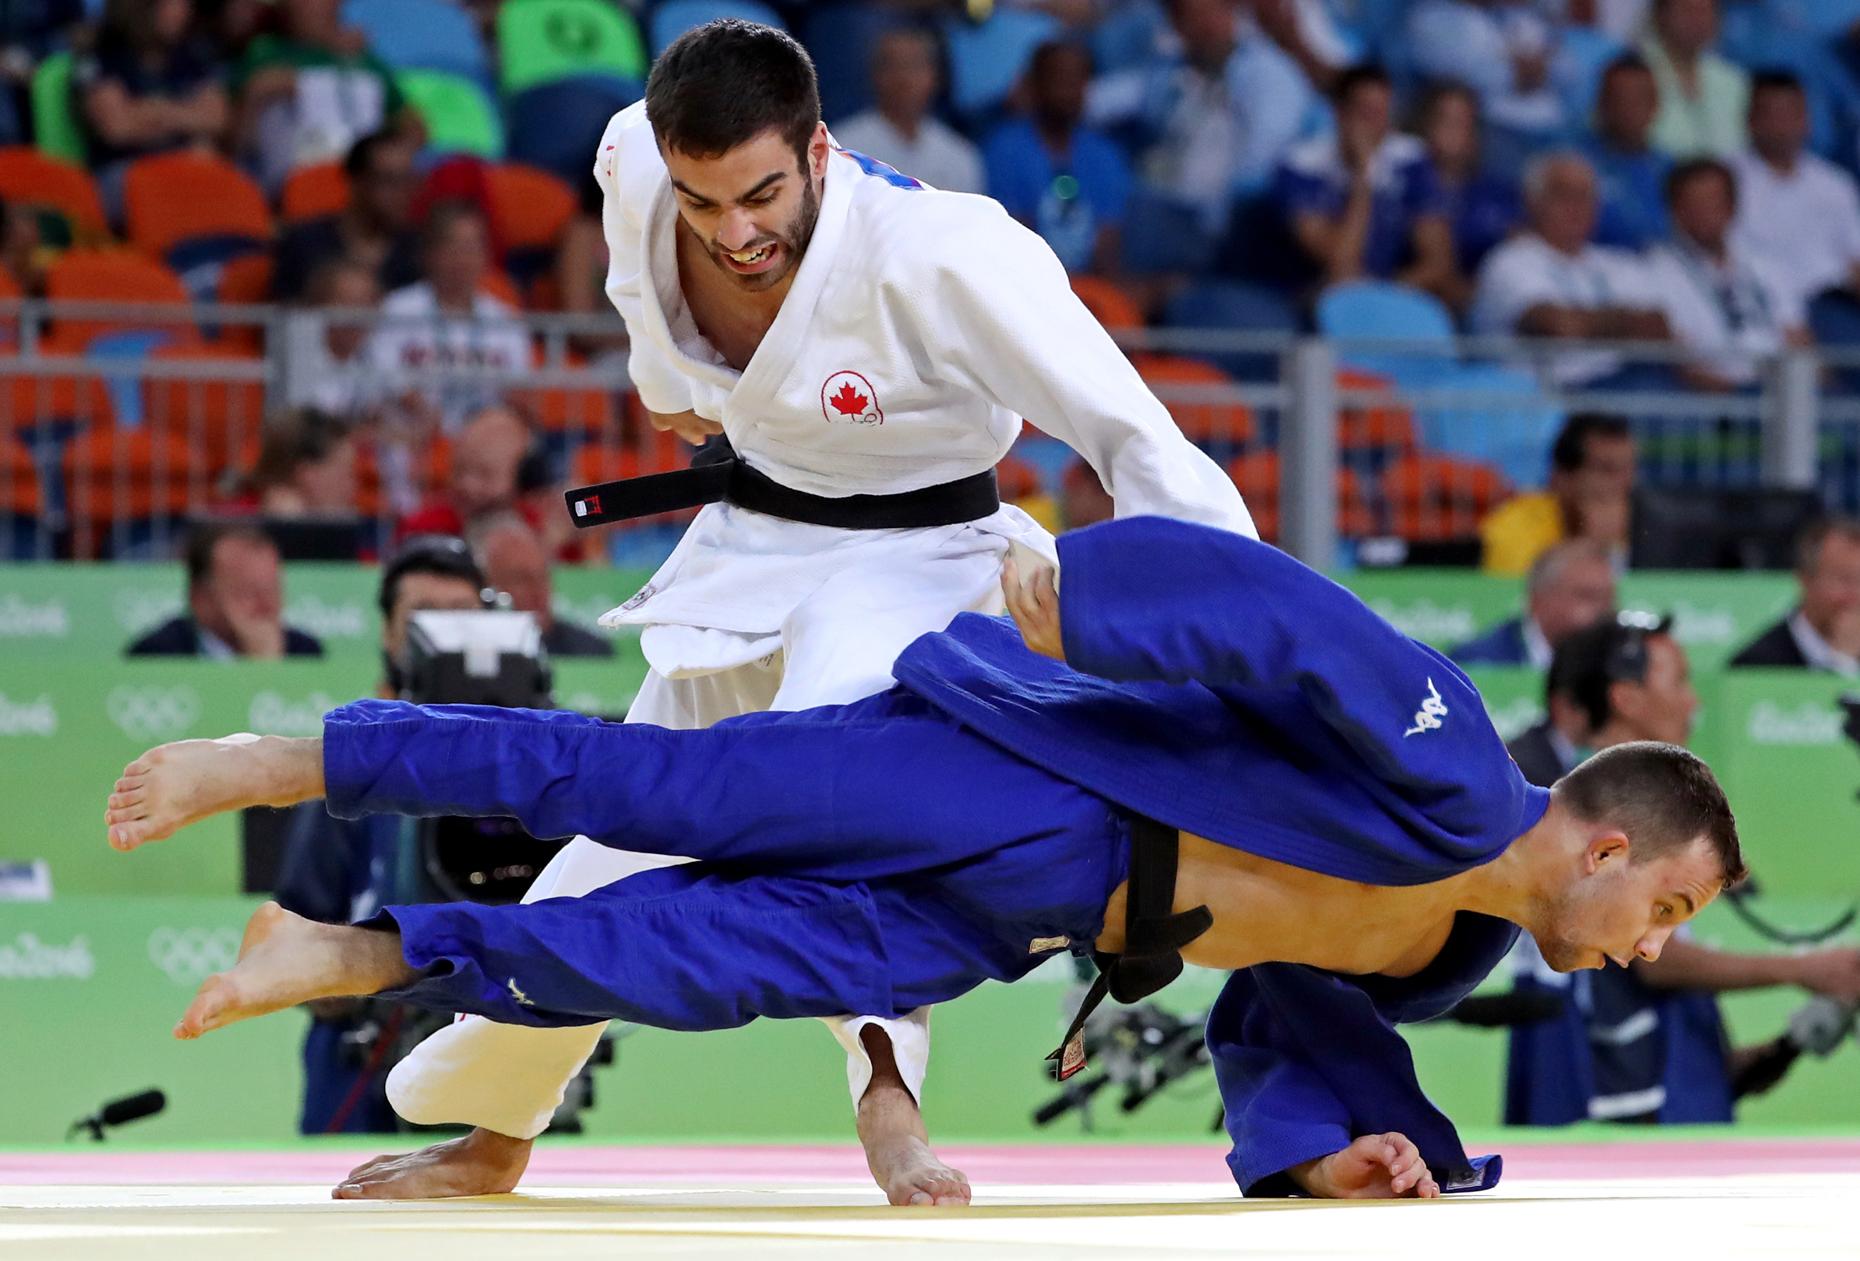 Le Canadien Antoine Bouchard contre le slovène Adrian Gomboc en quart-de-finale de la compétition de judo chez les 66 kg et moins, le 7 août à Rio. Bouchard a atteint le match pour la médaille de bronze mais s'est incliné lors de ce combat.